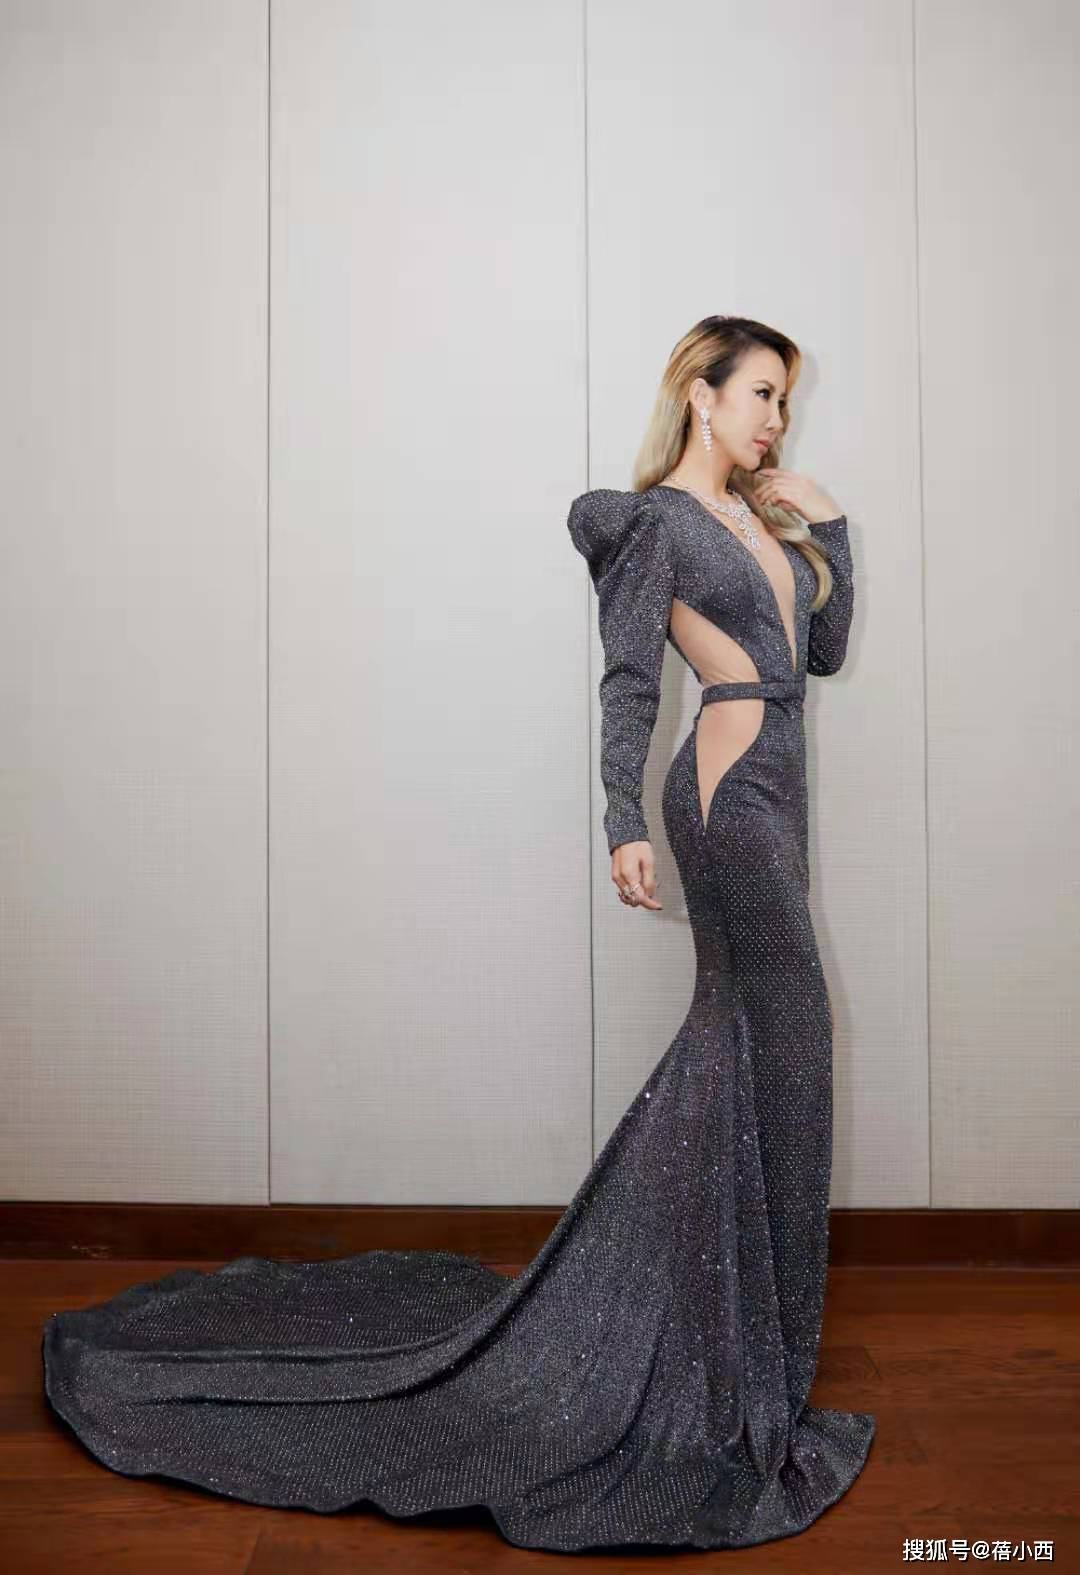 """原创             李玟虽到了大婶的年纪,却藏着""""尤物""""身材,看她红毯造型就知道"""